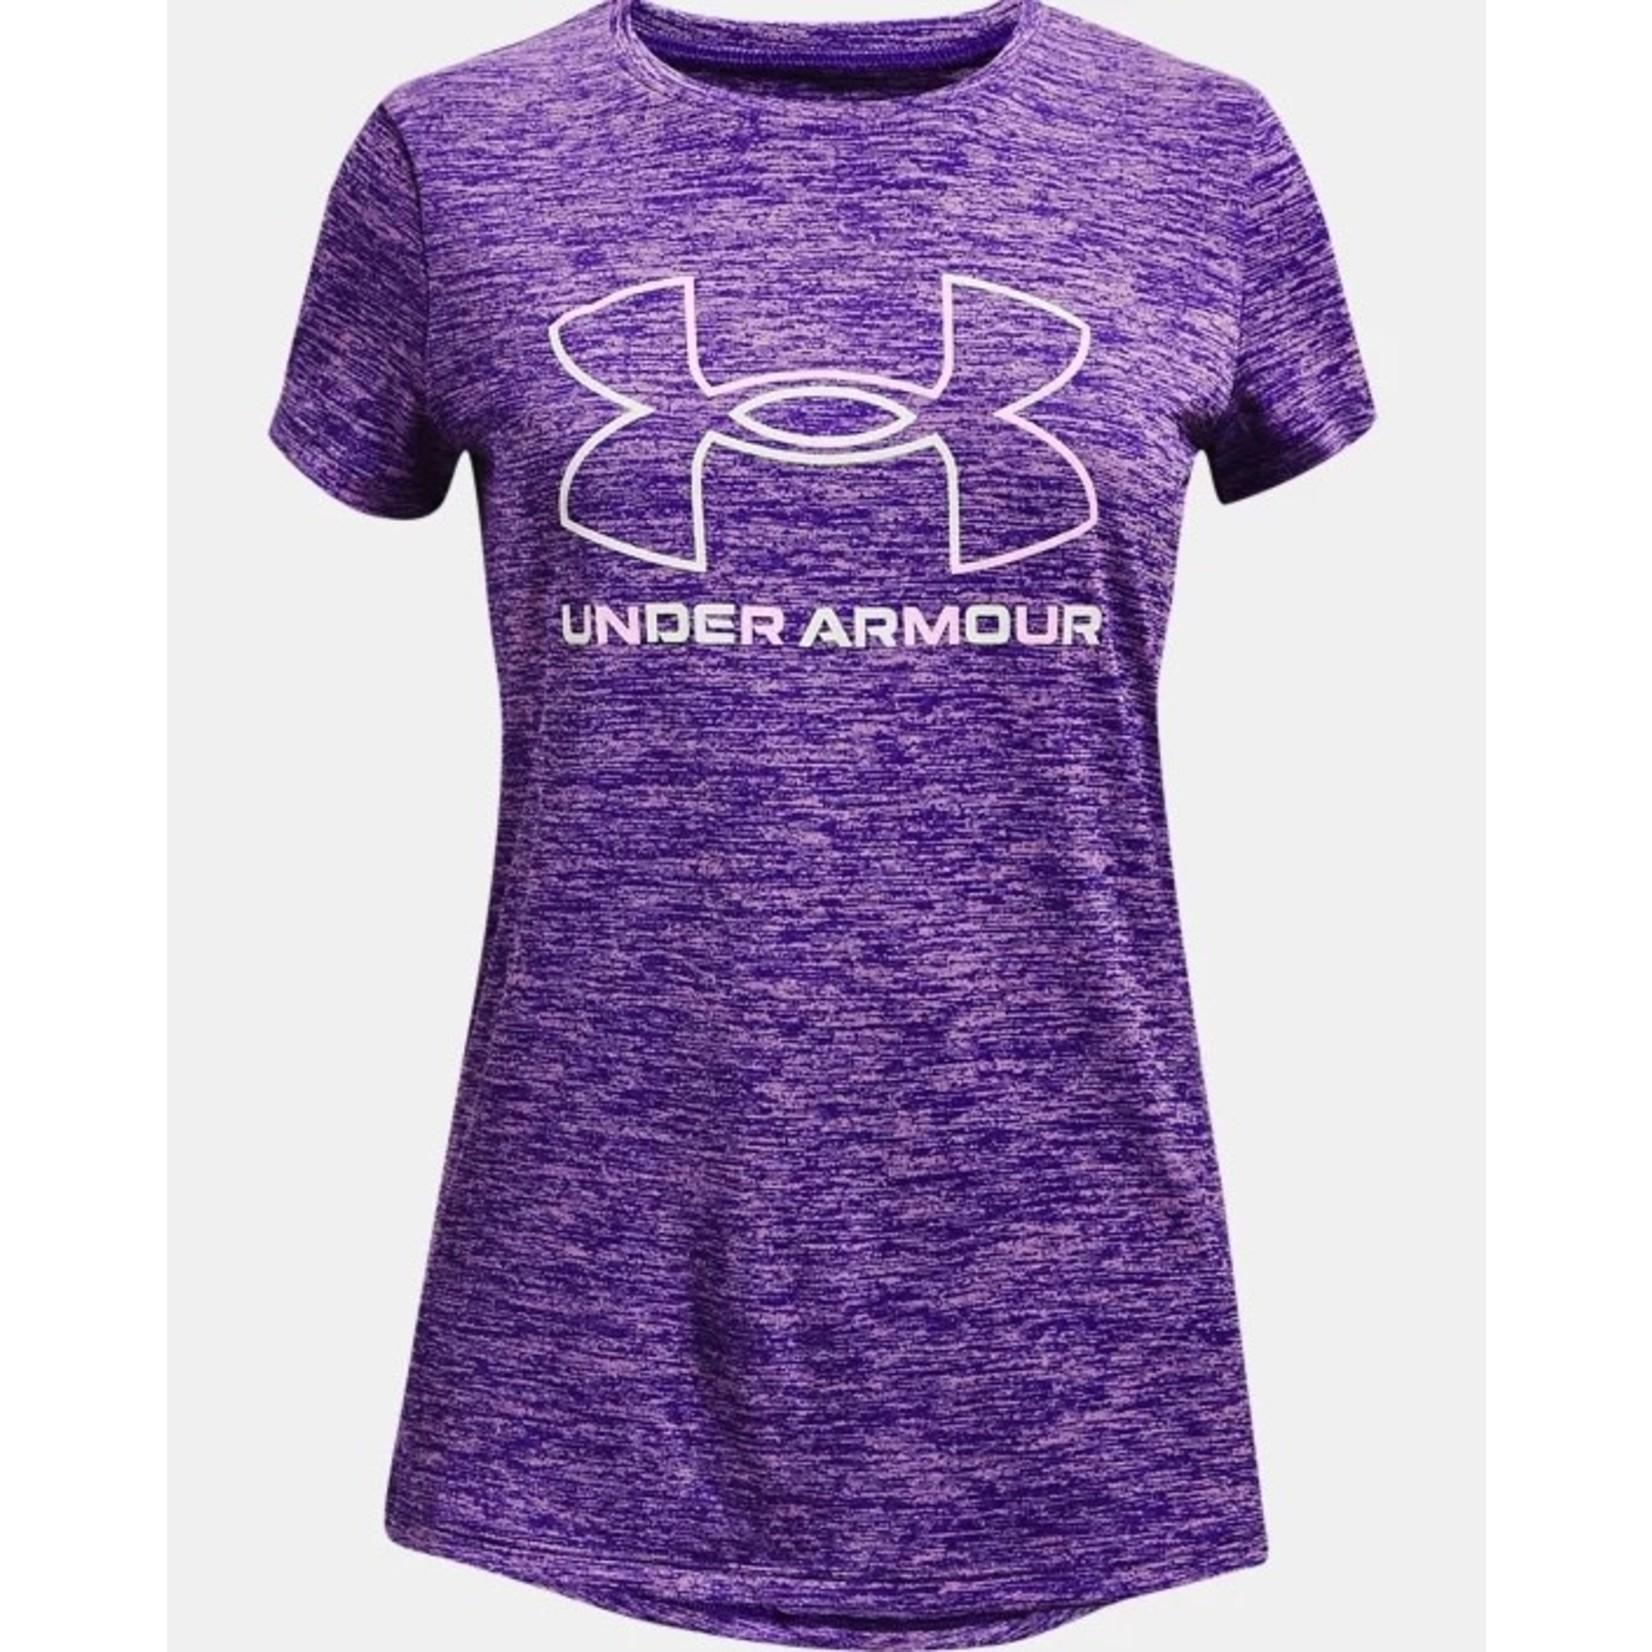 Under Armour Under Armour T-Shirt, Tech BL Twist, Girls